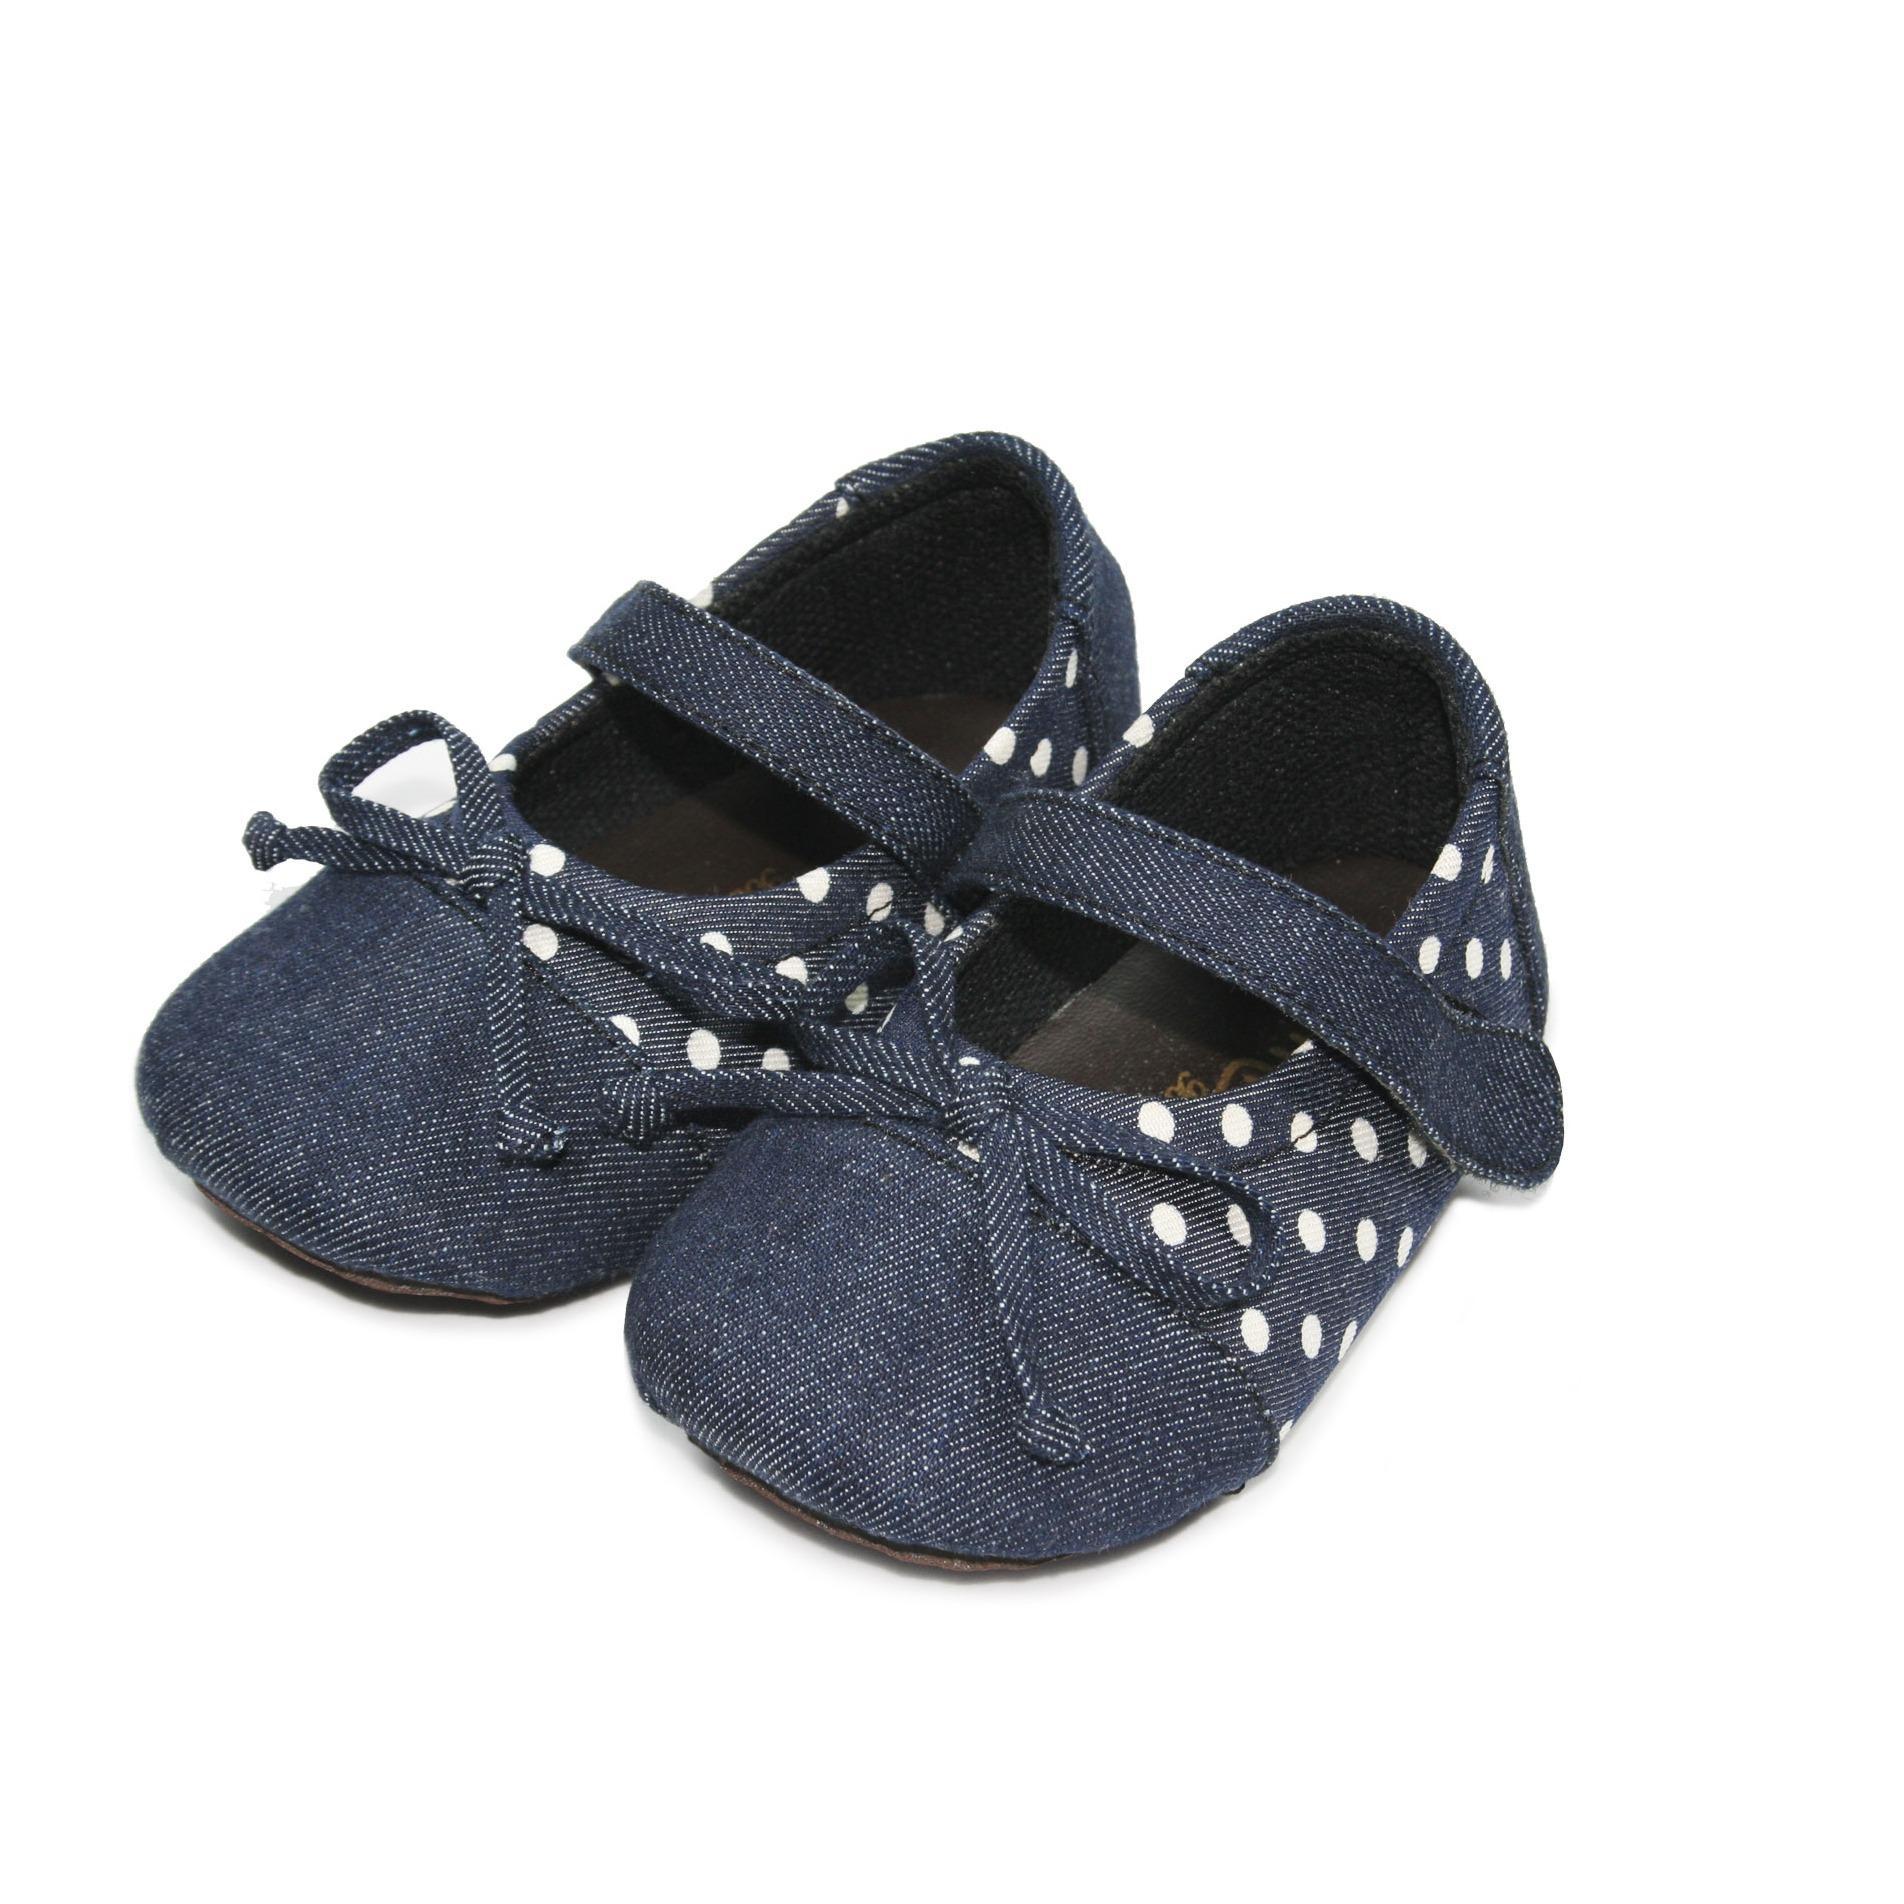 Beli Tamagoo Sepatu Bayi Perempuan Baby Shoes Prewalker Keira Denim Di Jawa Barat